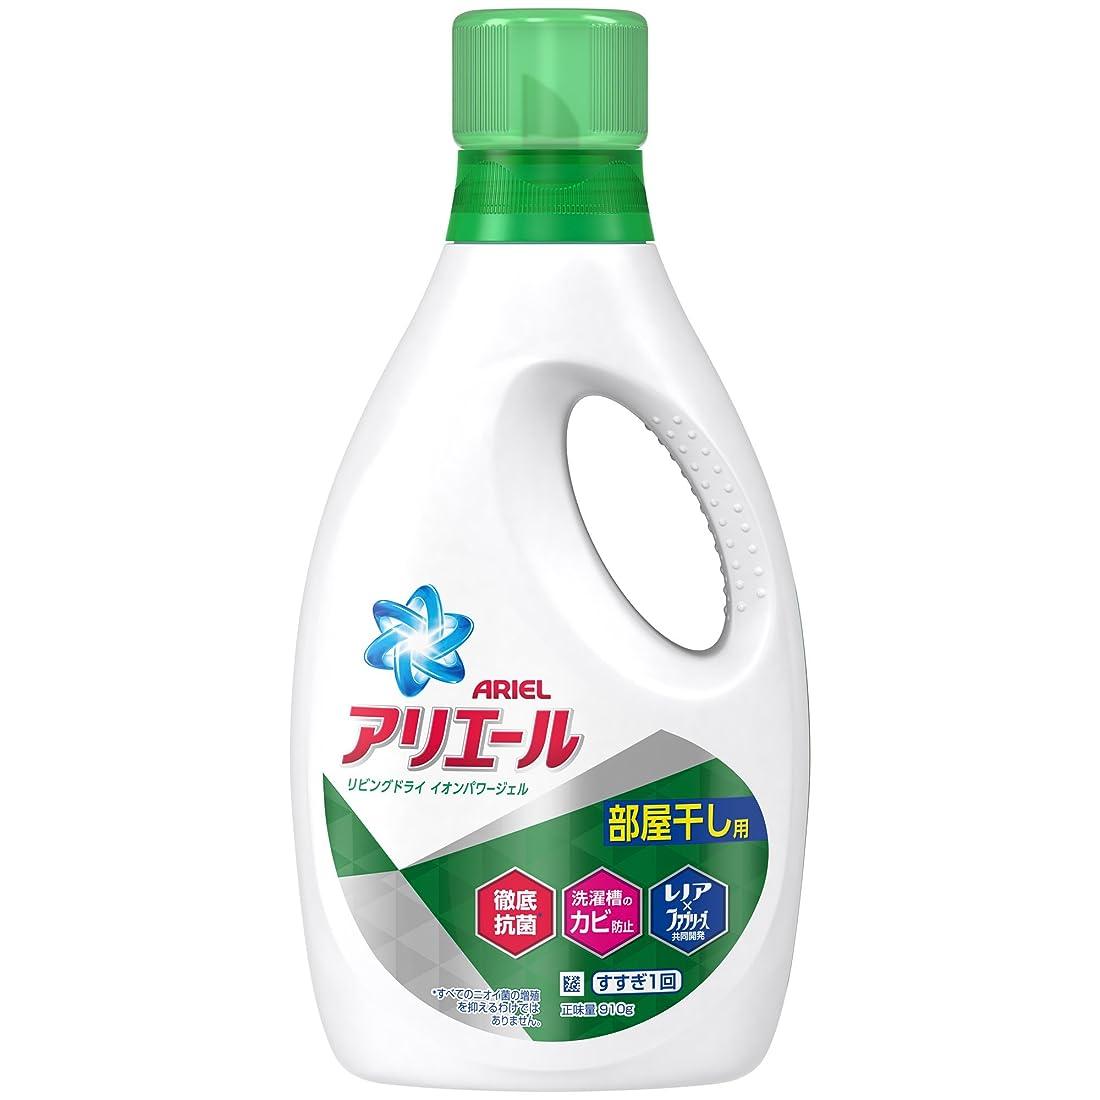 注釈ウイルスゴネリル洗濯洗剤 液体 部屋干し アリエール 本体(910g)